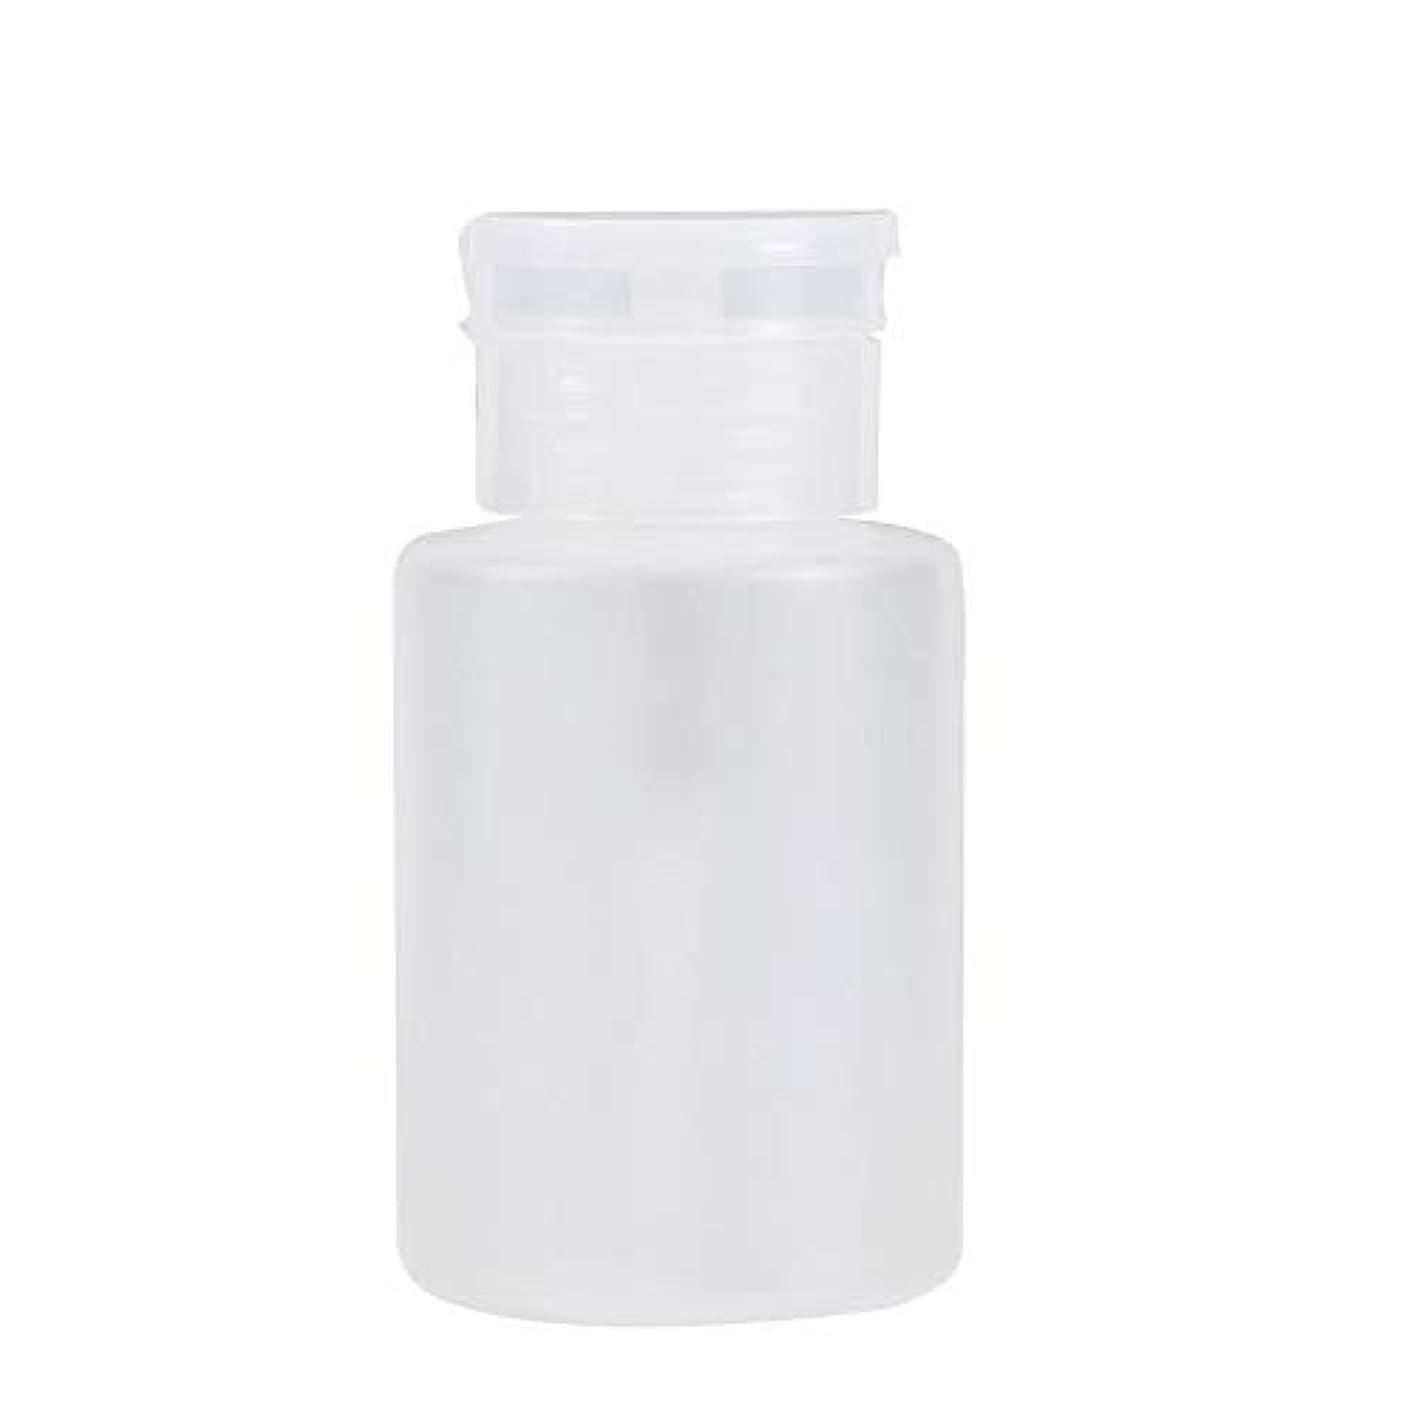 記述するフィードまで120ミリリットルポンプネイルアートクリーナー空のリムーバーボトル, 120MLポンプディスペンサーネイルアートアクリルアルコール液体クリーナー空のリムーバーボトル